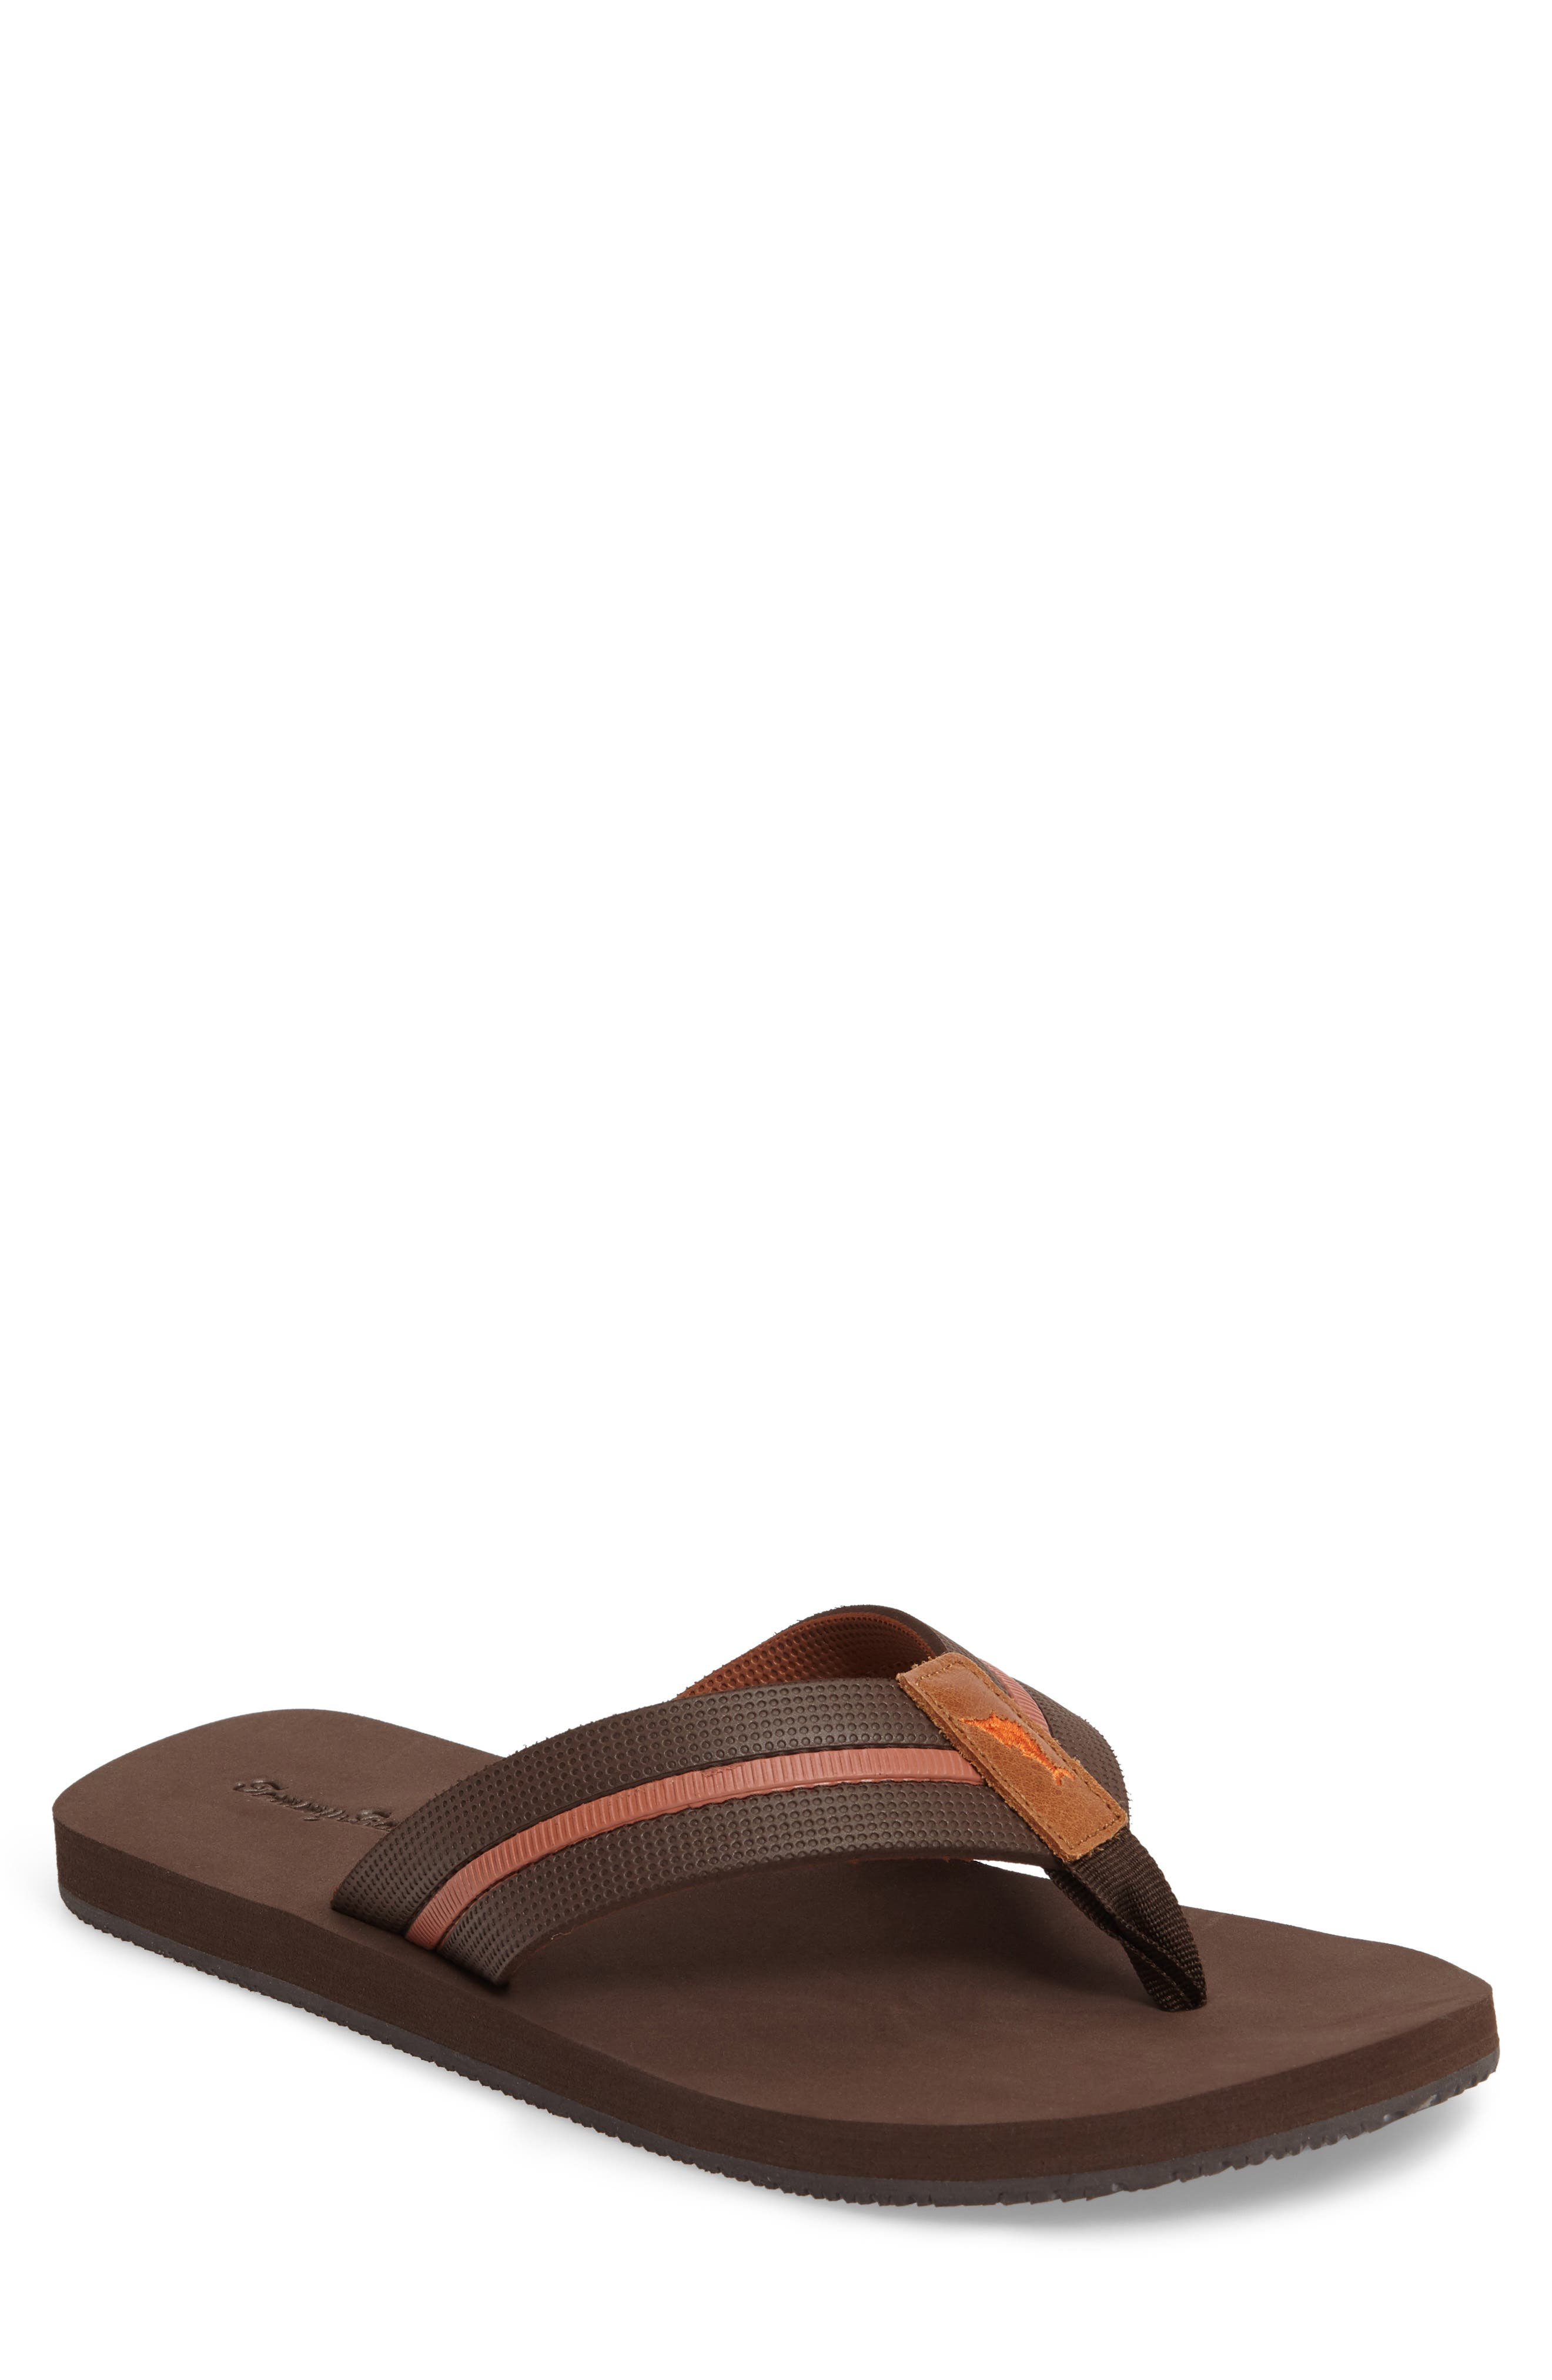 Taheeti Flip Flop,                         Main,                         color, Dark Brown